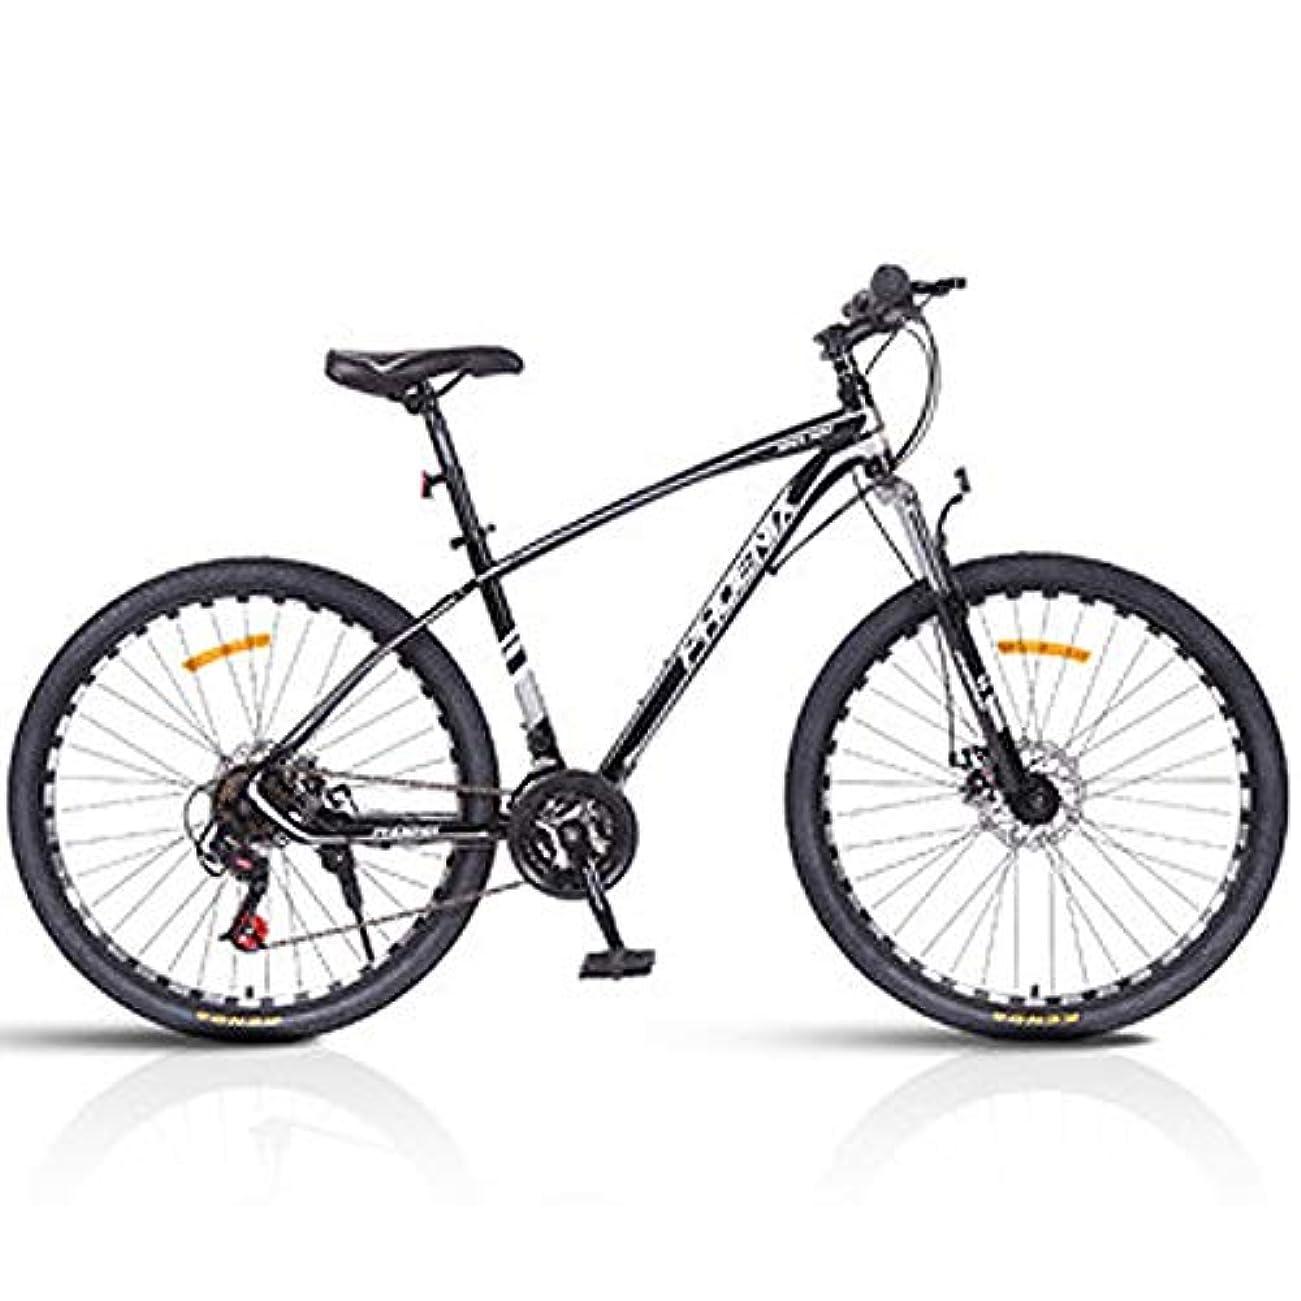 立場収まるディプロマ26 / 27.5インチ軽量クロスバイク、24スピードサスペンションフォークハードテールマウンテンバイクアウトロード自転車、デュアルディスクブレーキ付き大人の学生マウンテンバイク